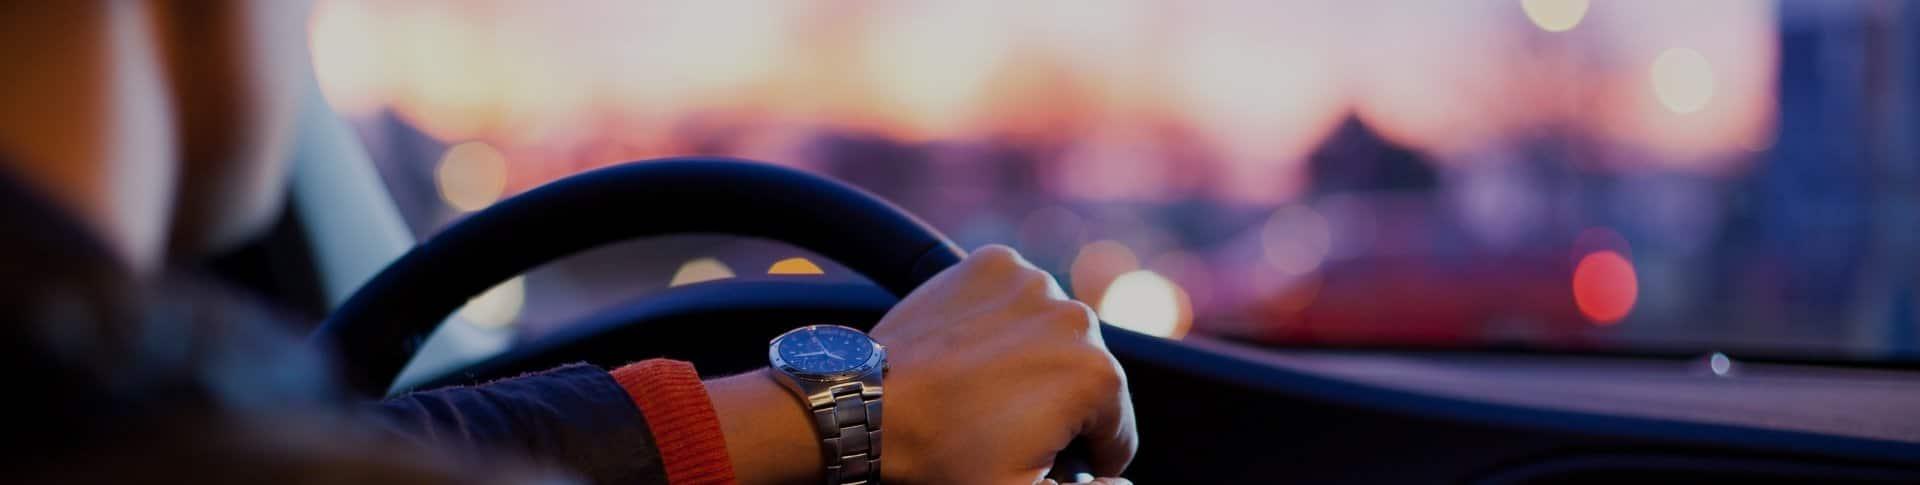 Imagen de alguien conduciendo un vehículo.